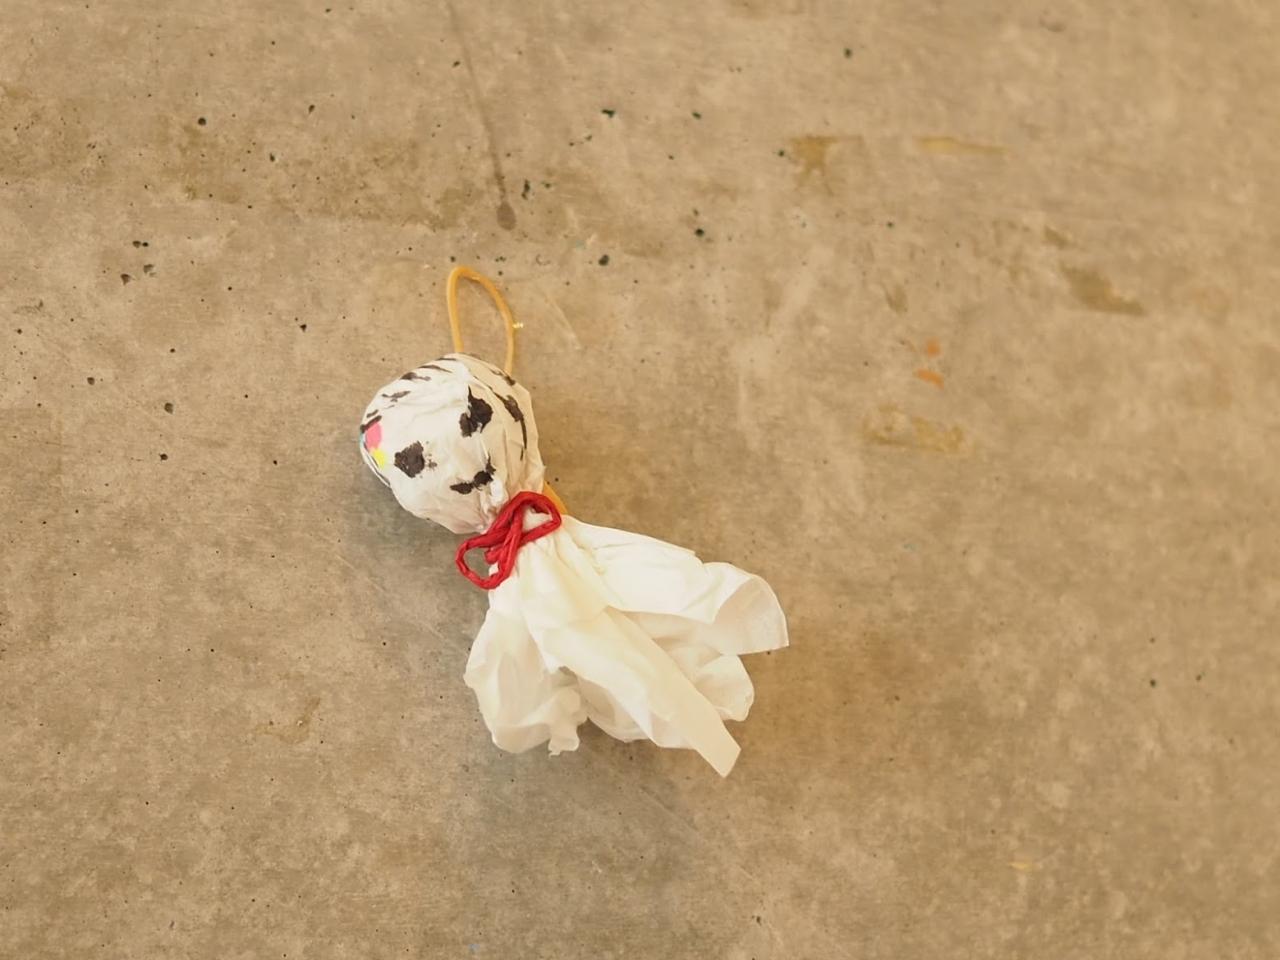 最終日の晴天は、小さなお友達のAちゃんが作ってくれたこのテルテル坊主さんのおかげ。心から感謝!